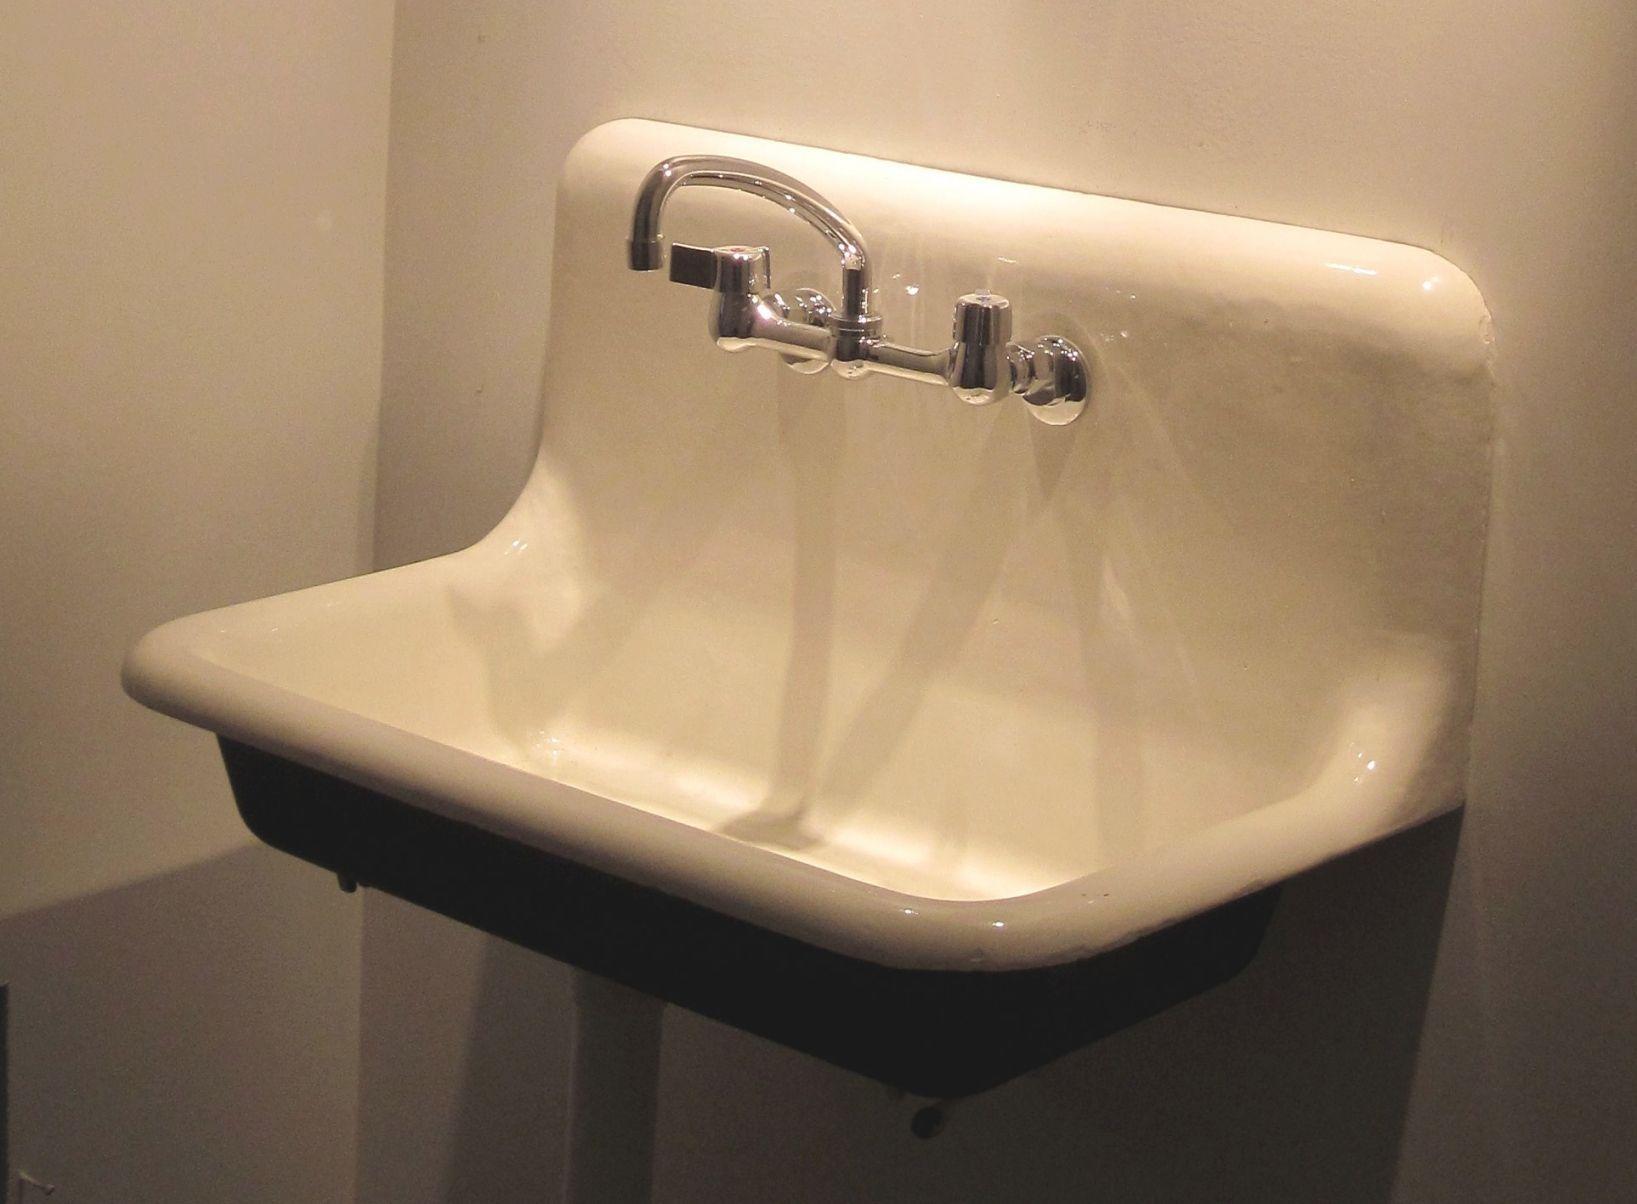 American Standard Cast Iron Kitchen Sink In 2020 Vintage Bathroom Sink Faucet Vintage Bathroom Sinks Cast Iron Sink